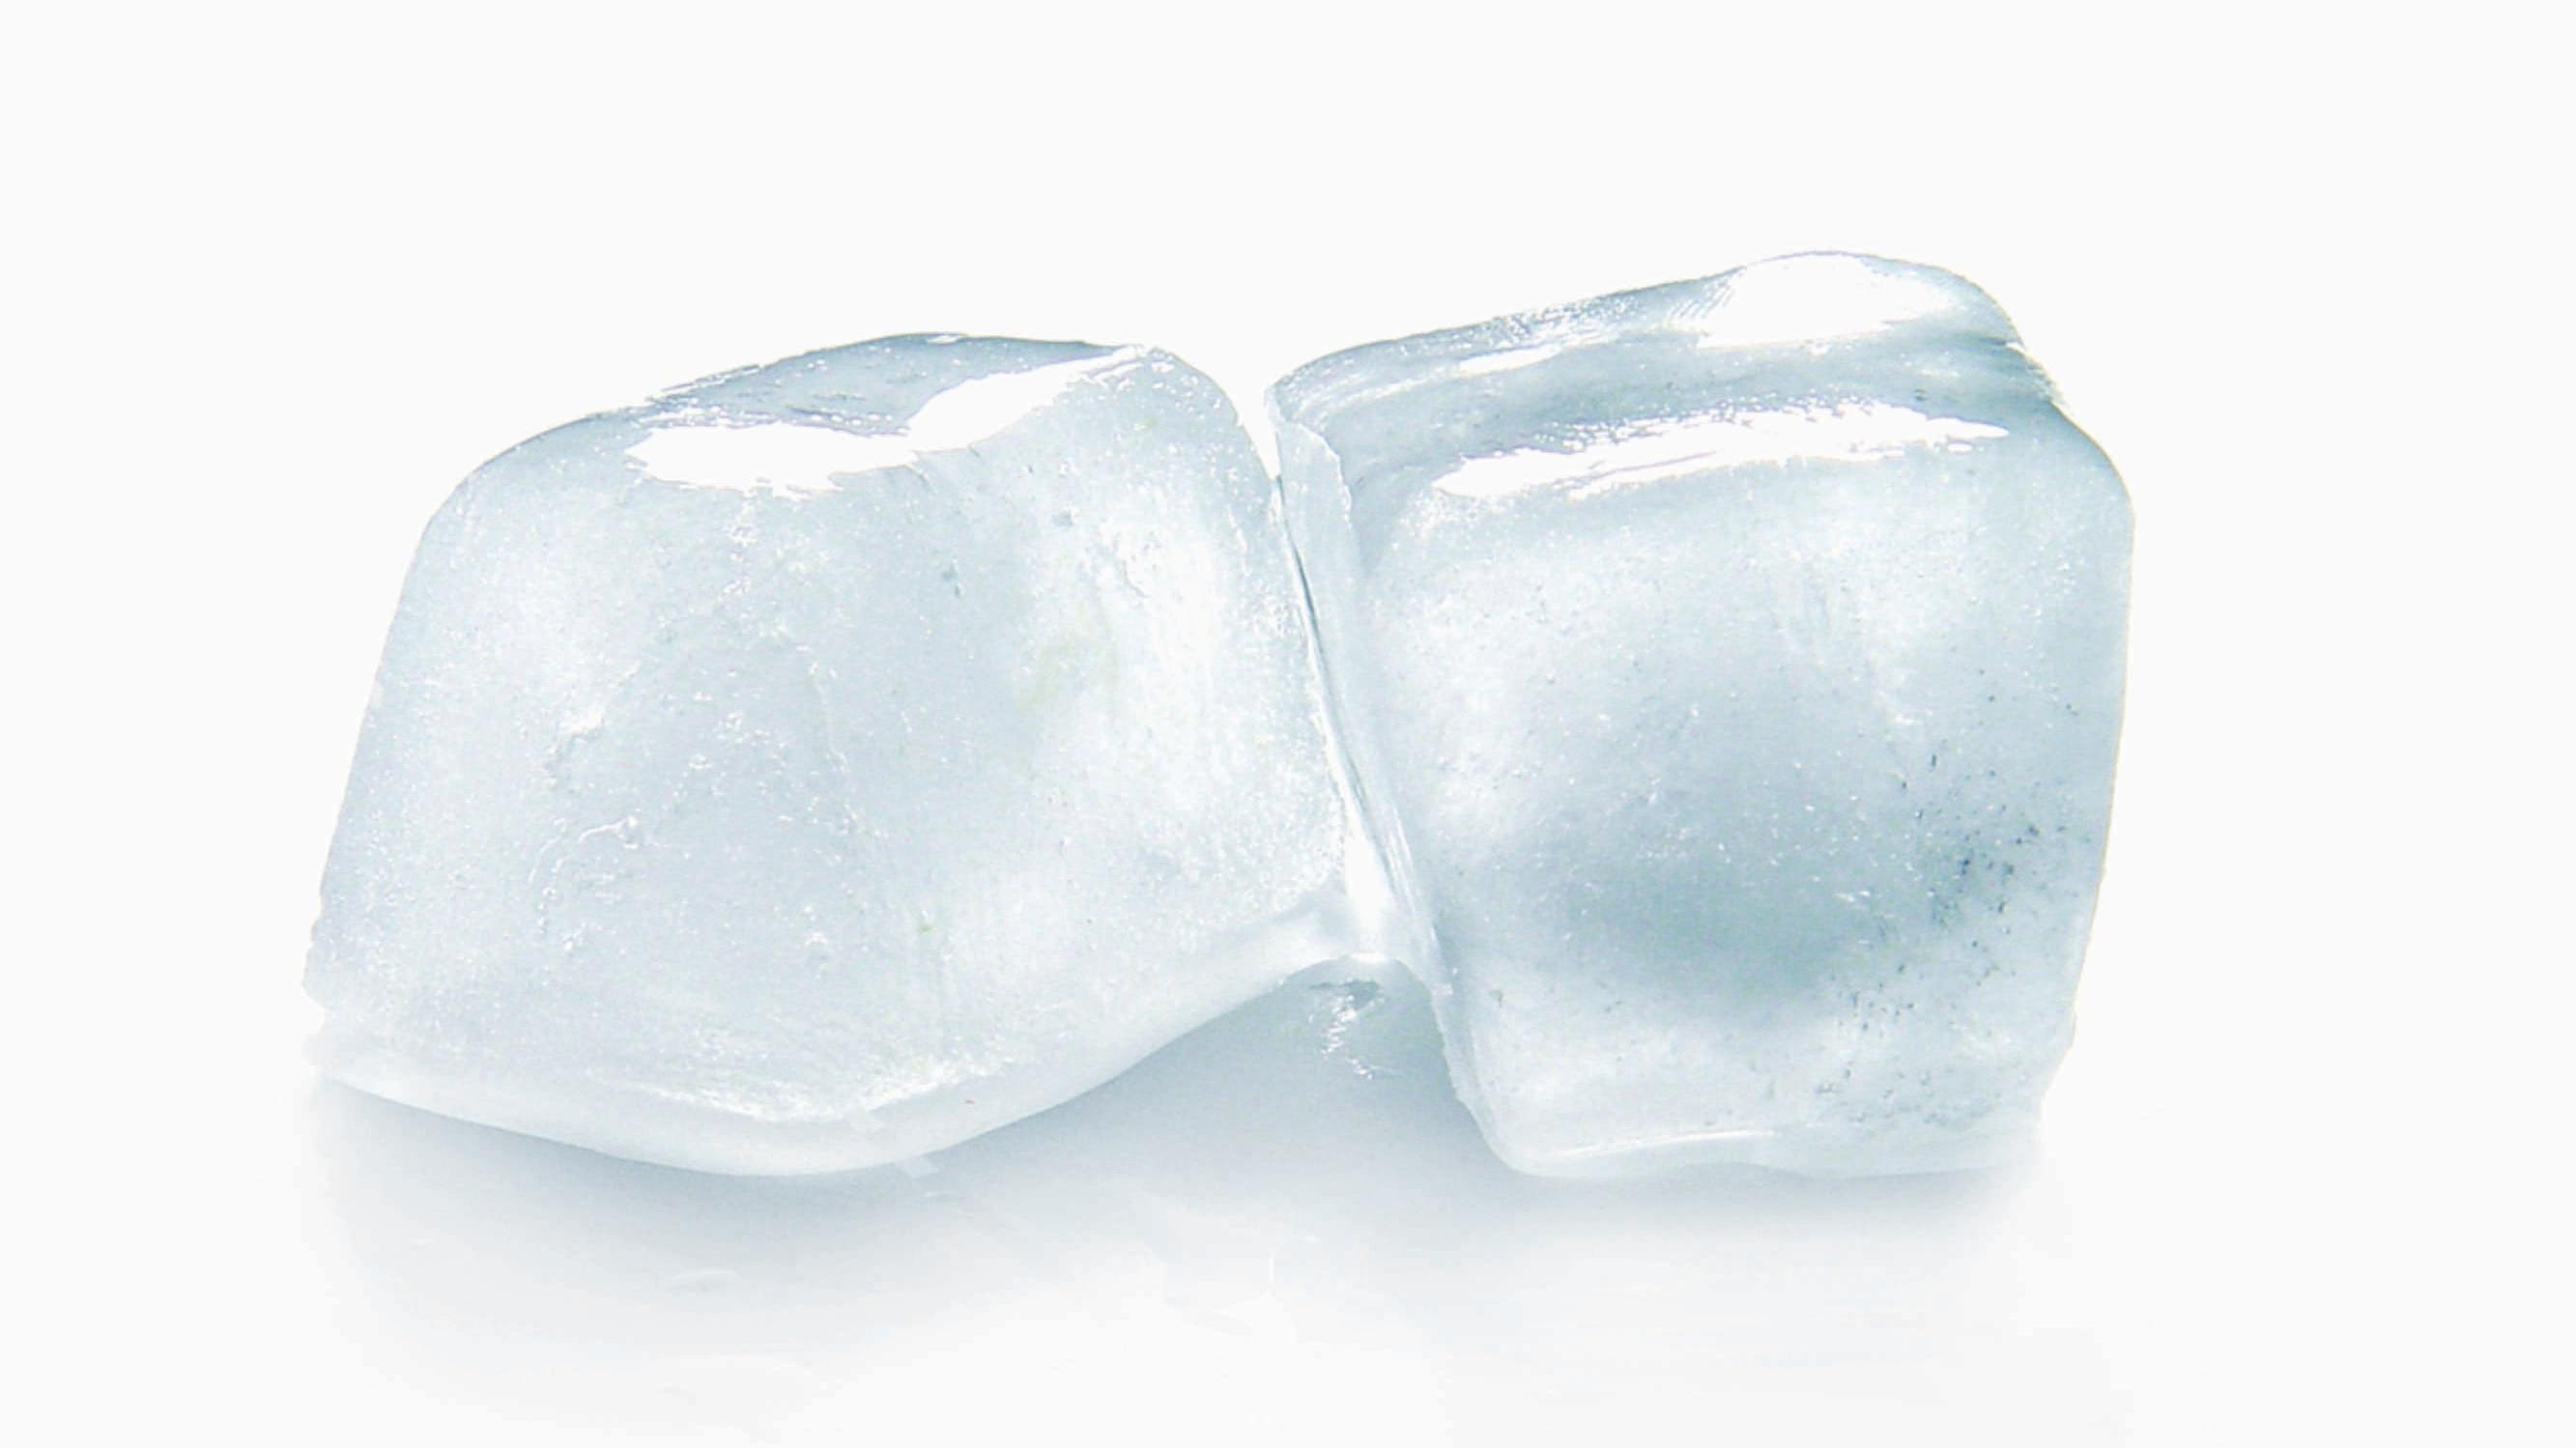 Eiswürfelmaschine reinigen und entkalken - so geht's